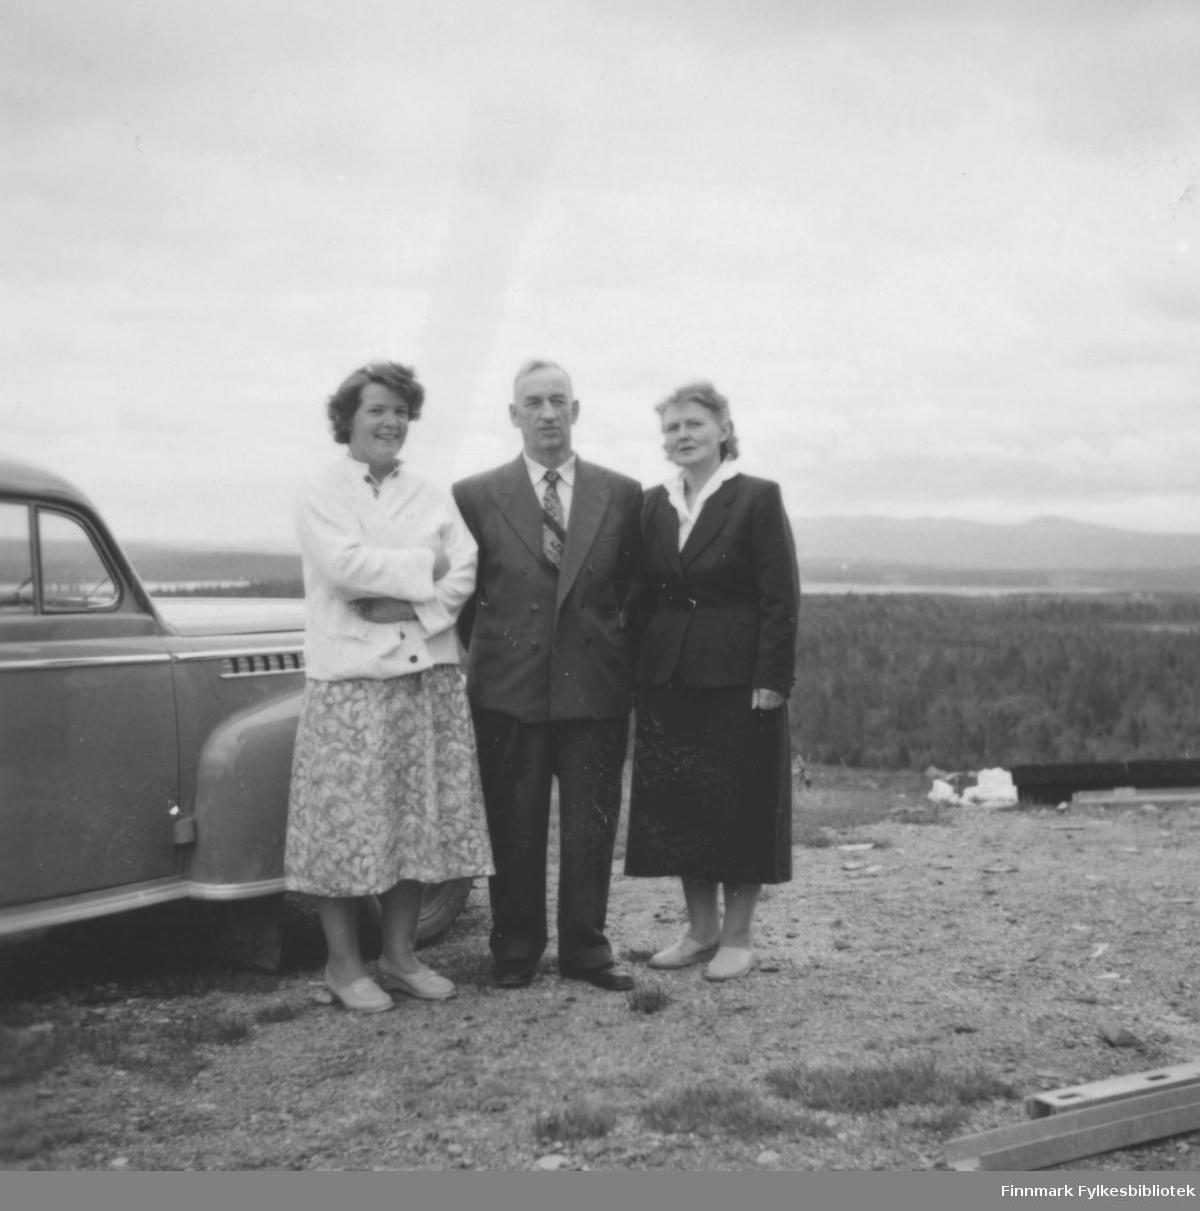 På tur i Sør-Varanger, ca 1959-1960. Fra venstre: Ragnhild Ebeltoft, Sigfred og Mary Rognlid. Landskapet minner om Pasvik